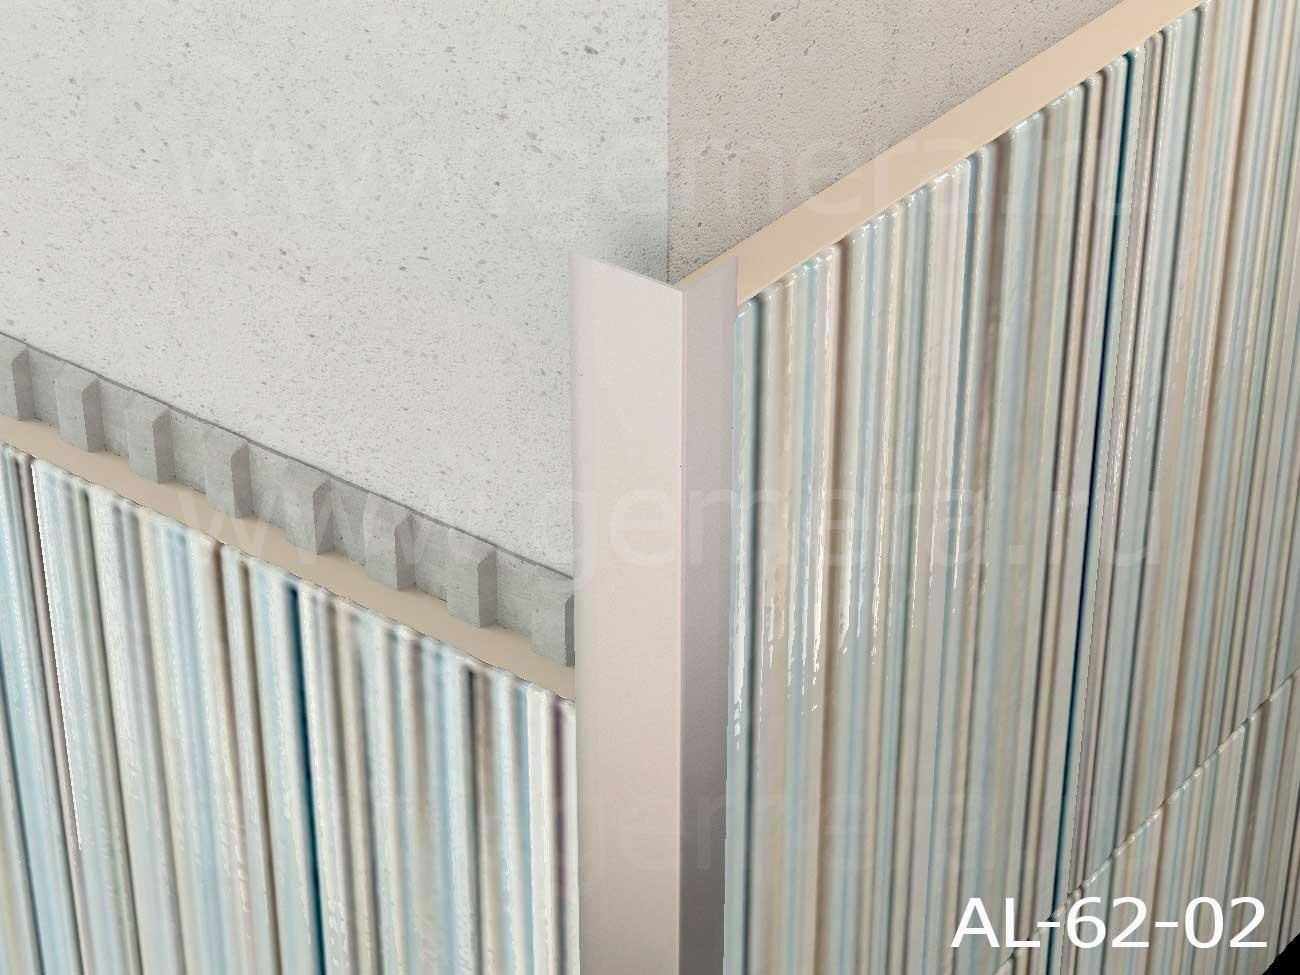 Уголок алюминиевый защитный Butun AL-62-02